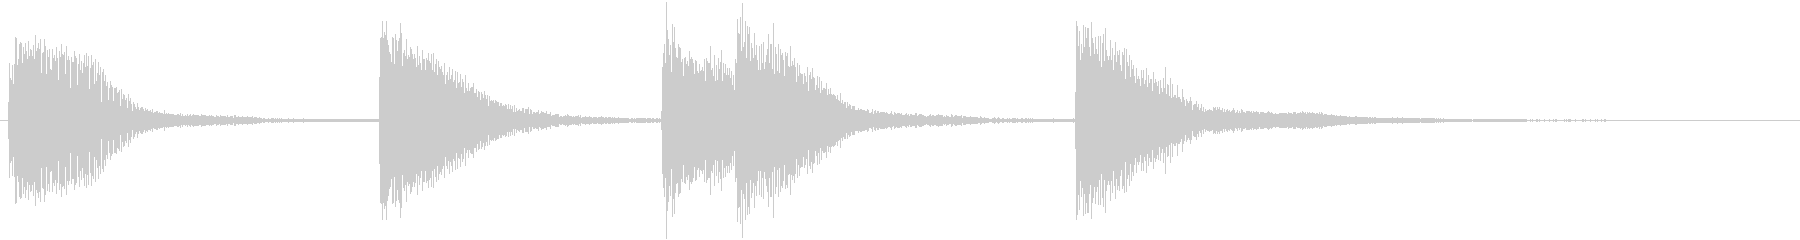 ピアノジングル 幼児向けアニメ系E-02の未再生の波形